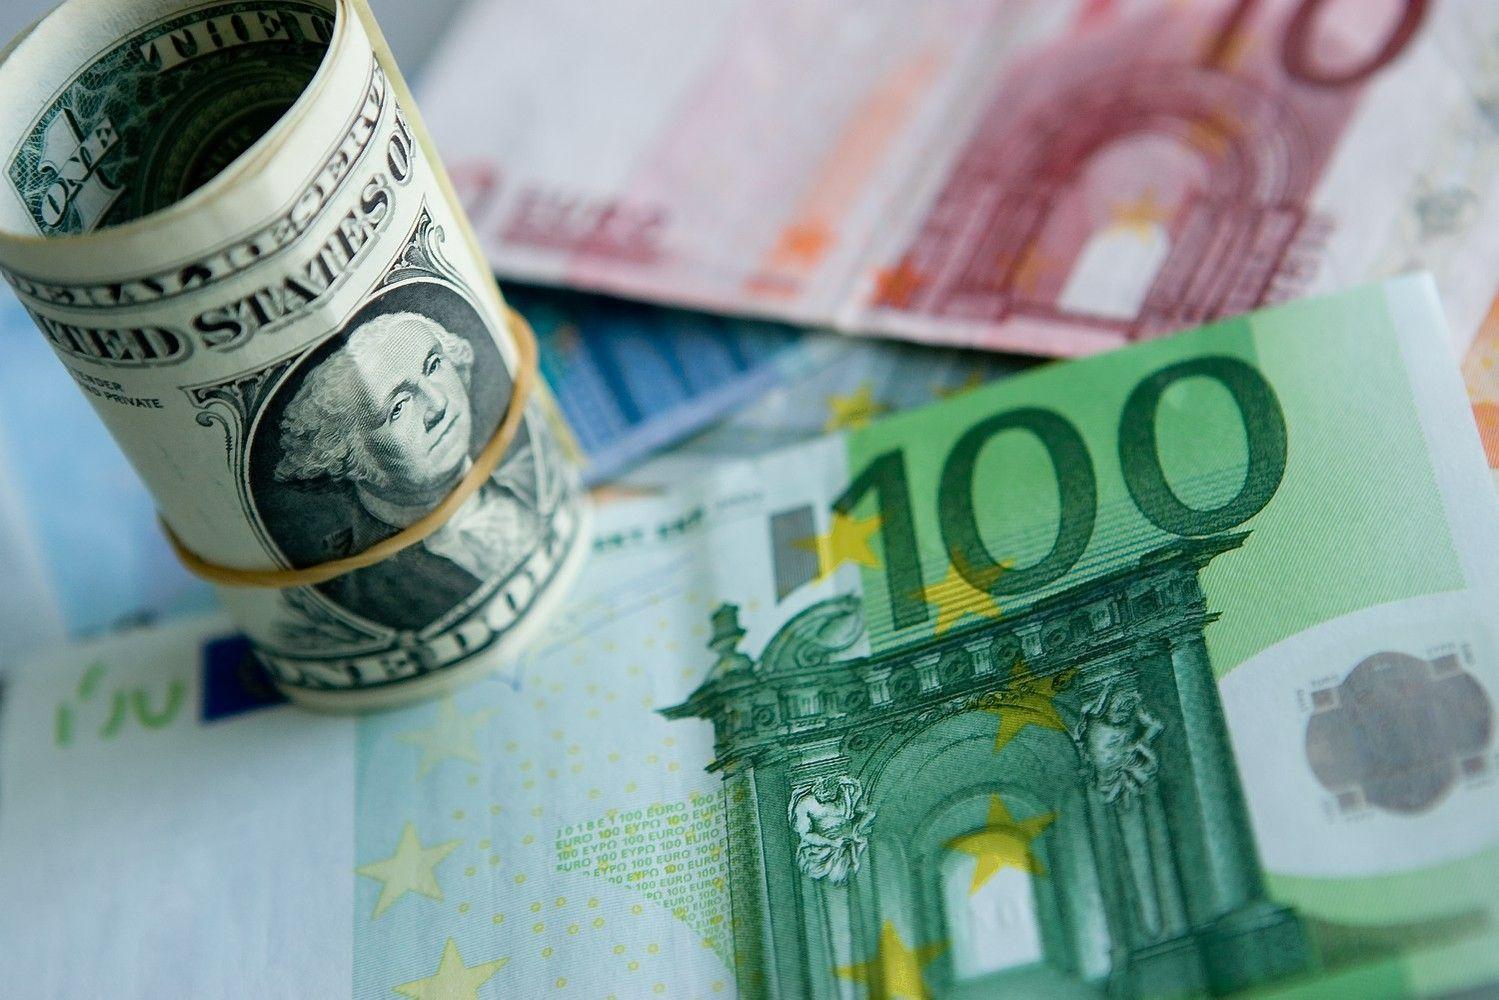 Euras jau prisirpo korekcijai